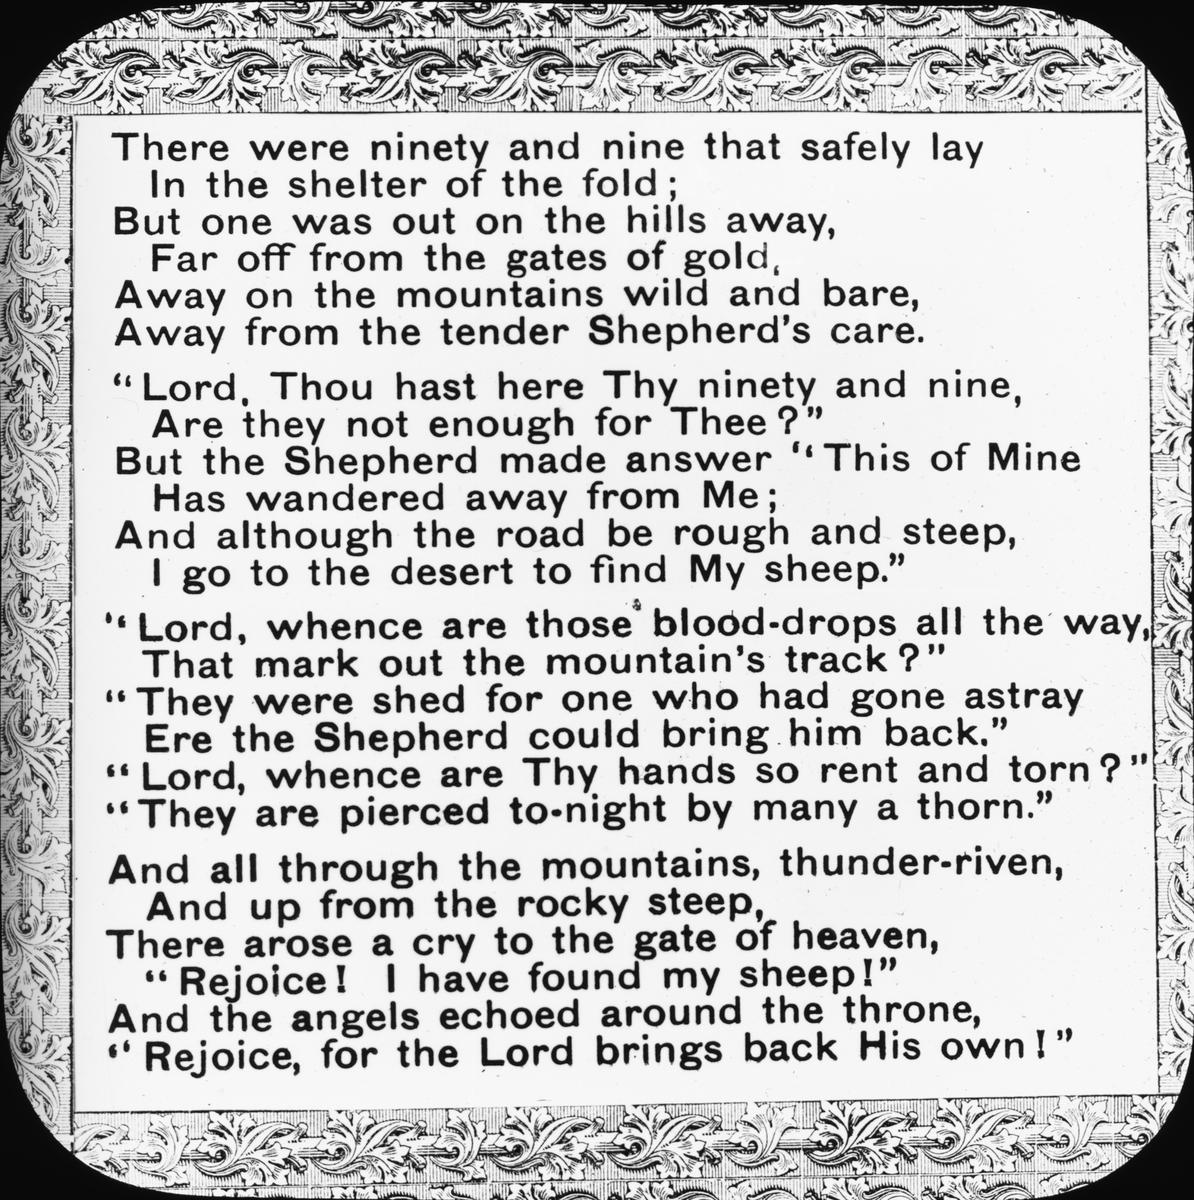 """Skioptikonbild. Psalmen """"De nittionio"""" (The Ninety and Nine) av Elizabeth C. Clephane (1868), som refererar till den gode herden (the Good Shepherd).     ::"""